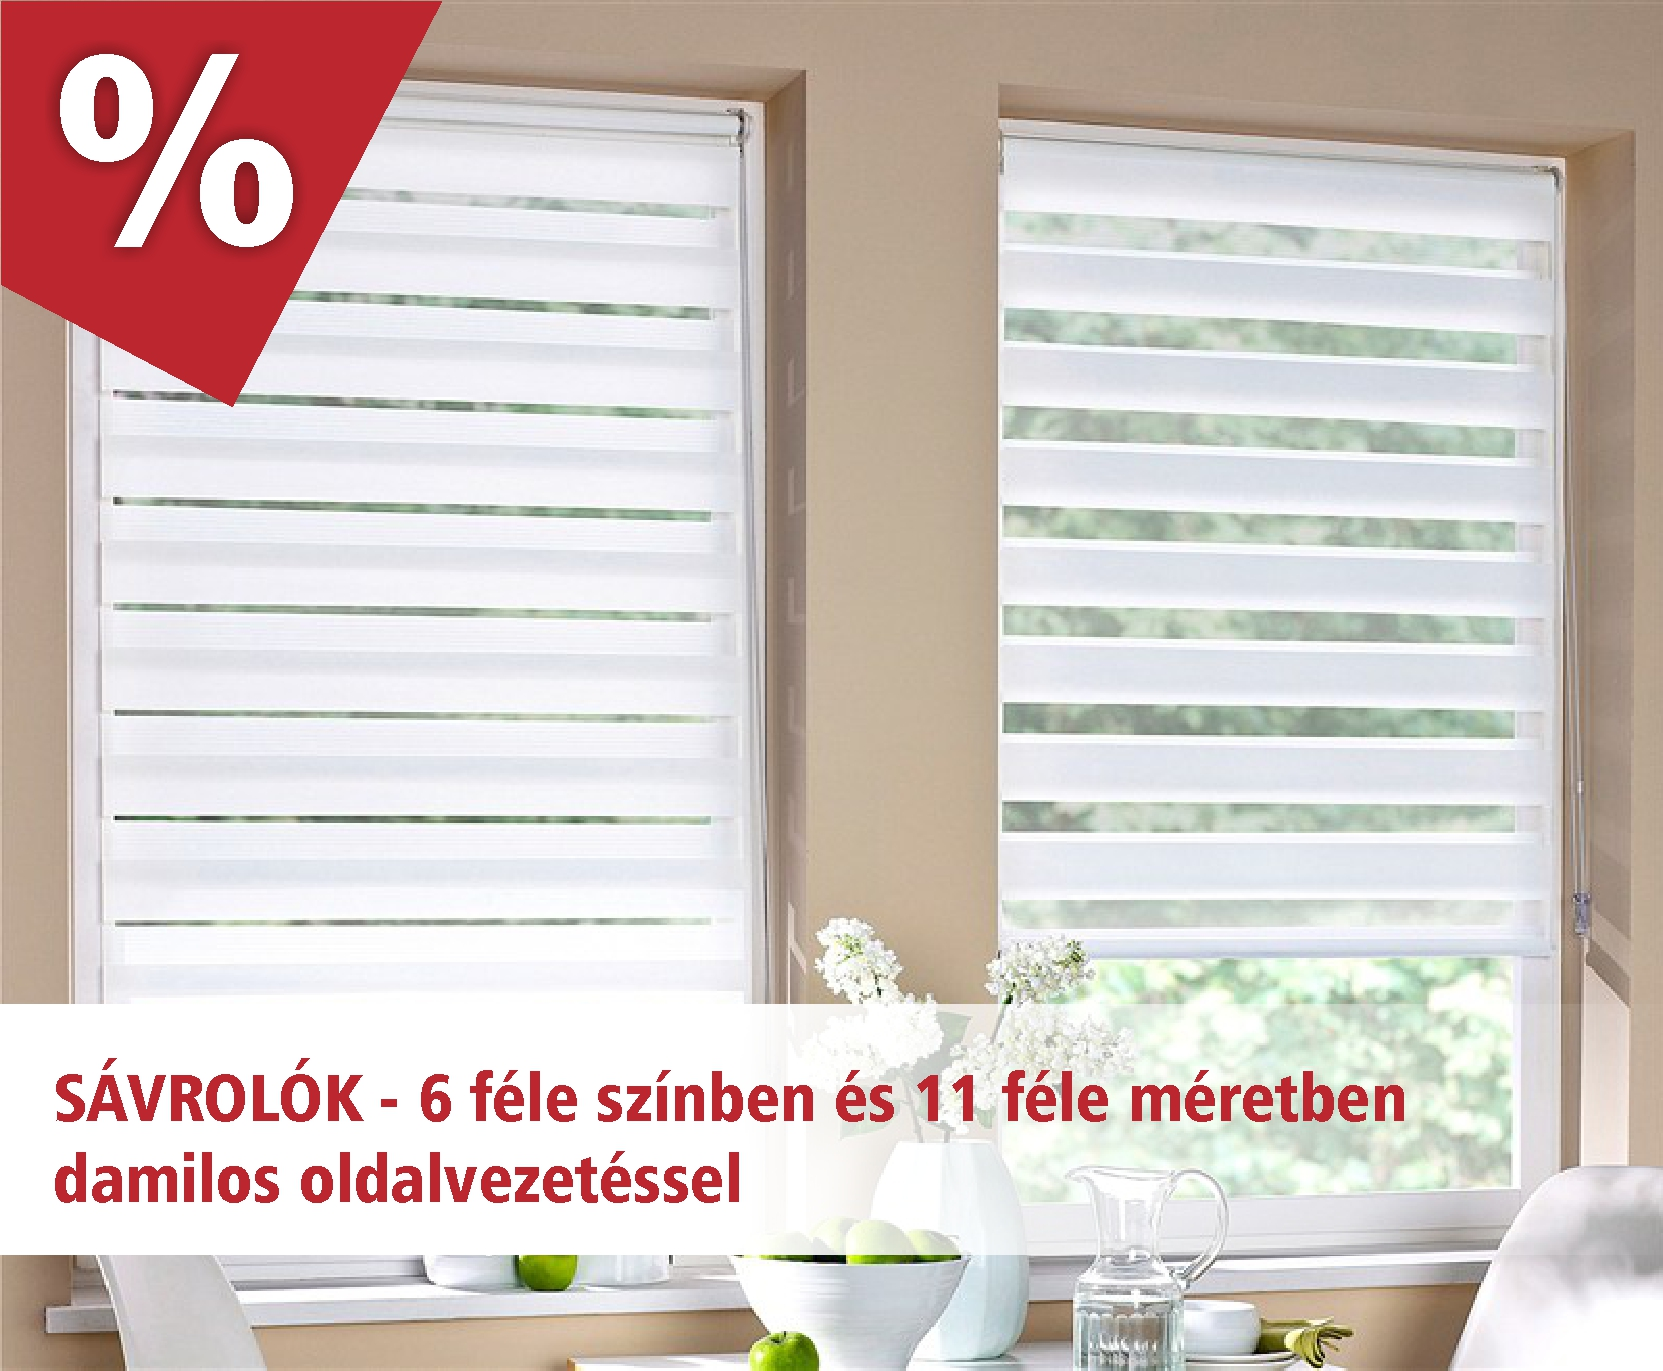 Sávrolók, duo rolók 6 színben és 11 féle méretben akciós áron - www.karnisstudio.hu